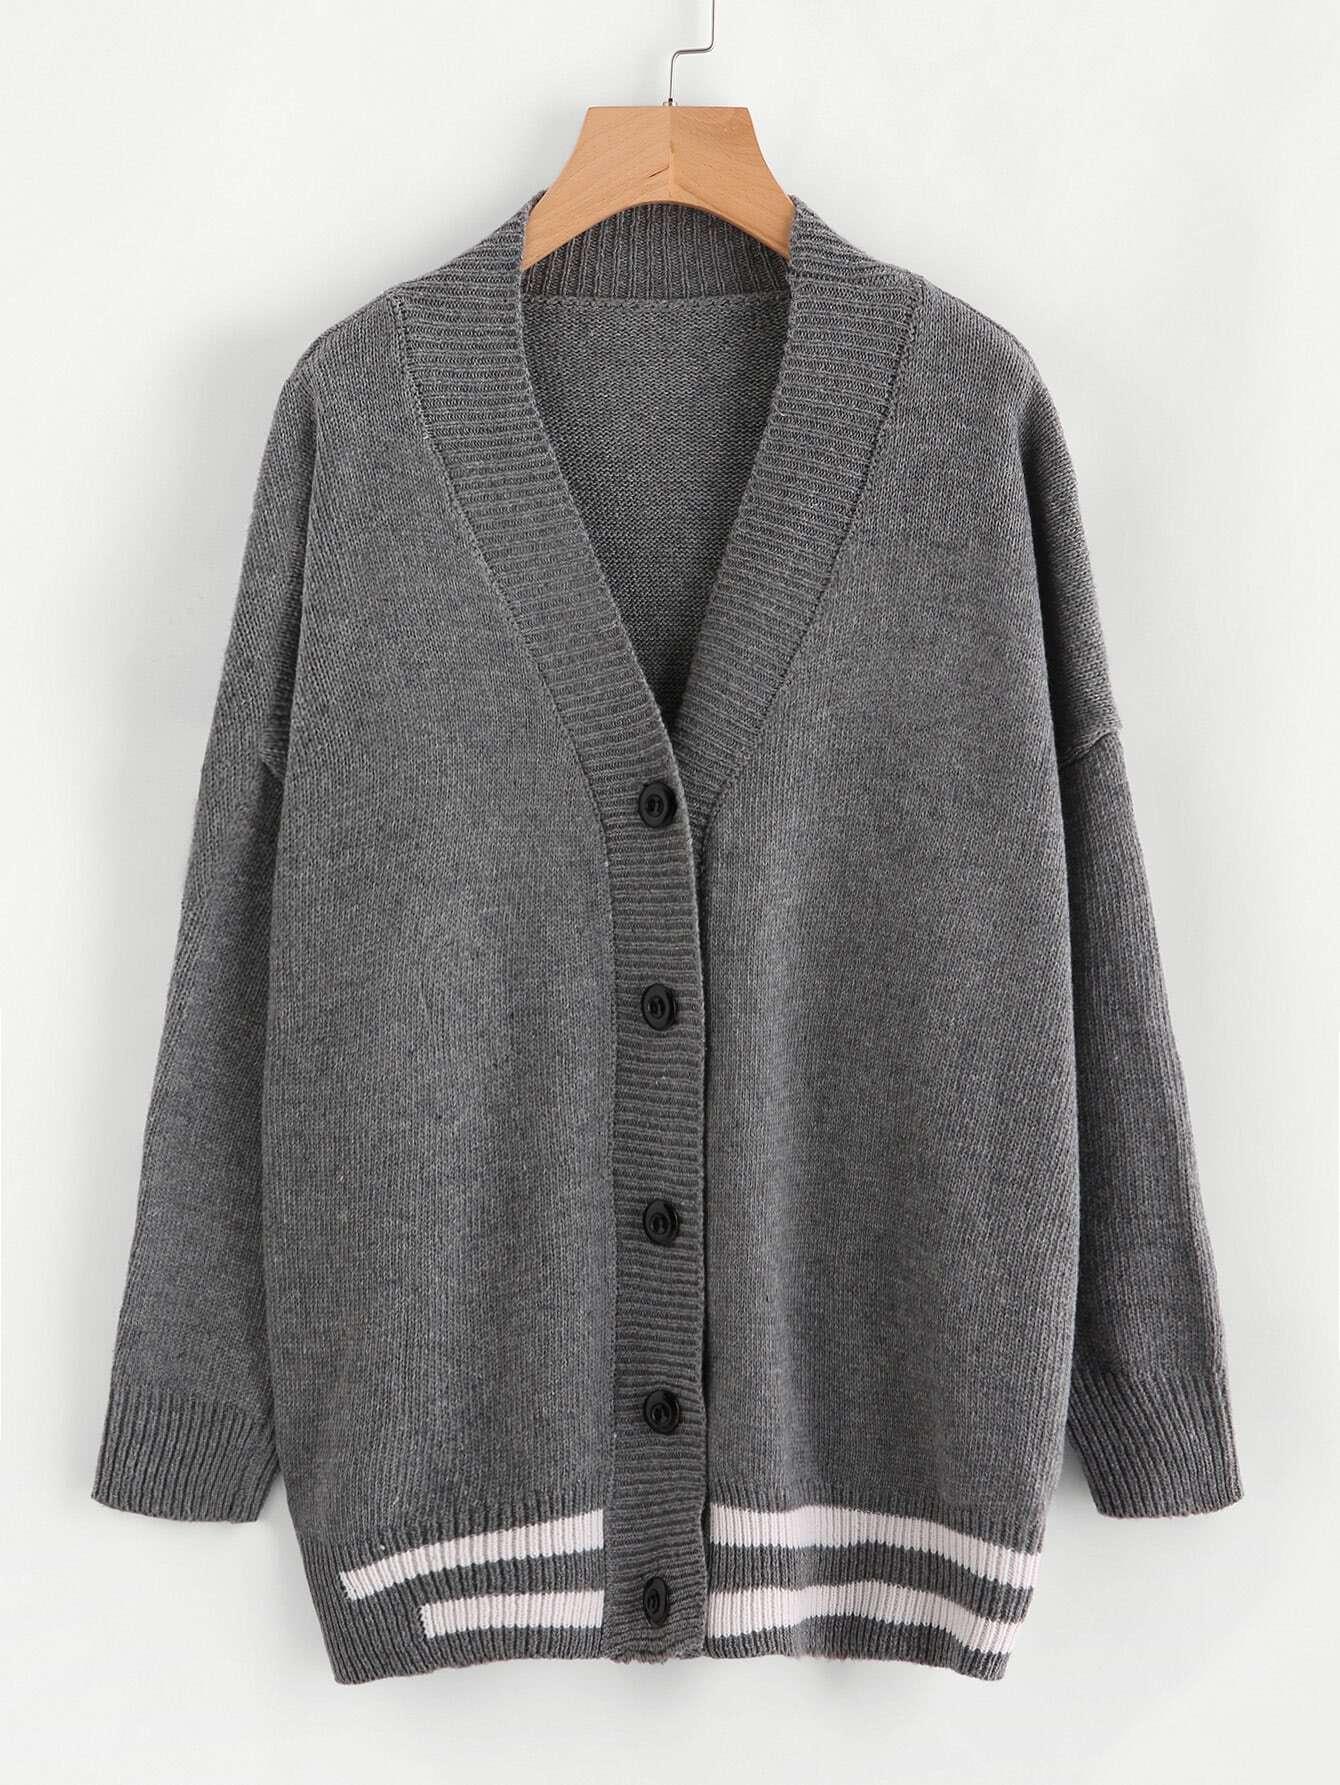 Striped Trim Drop Shoulder Sweater Coat sweater170914101